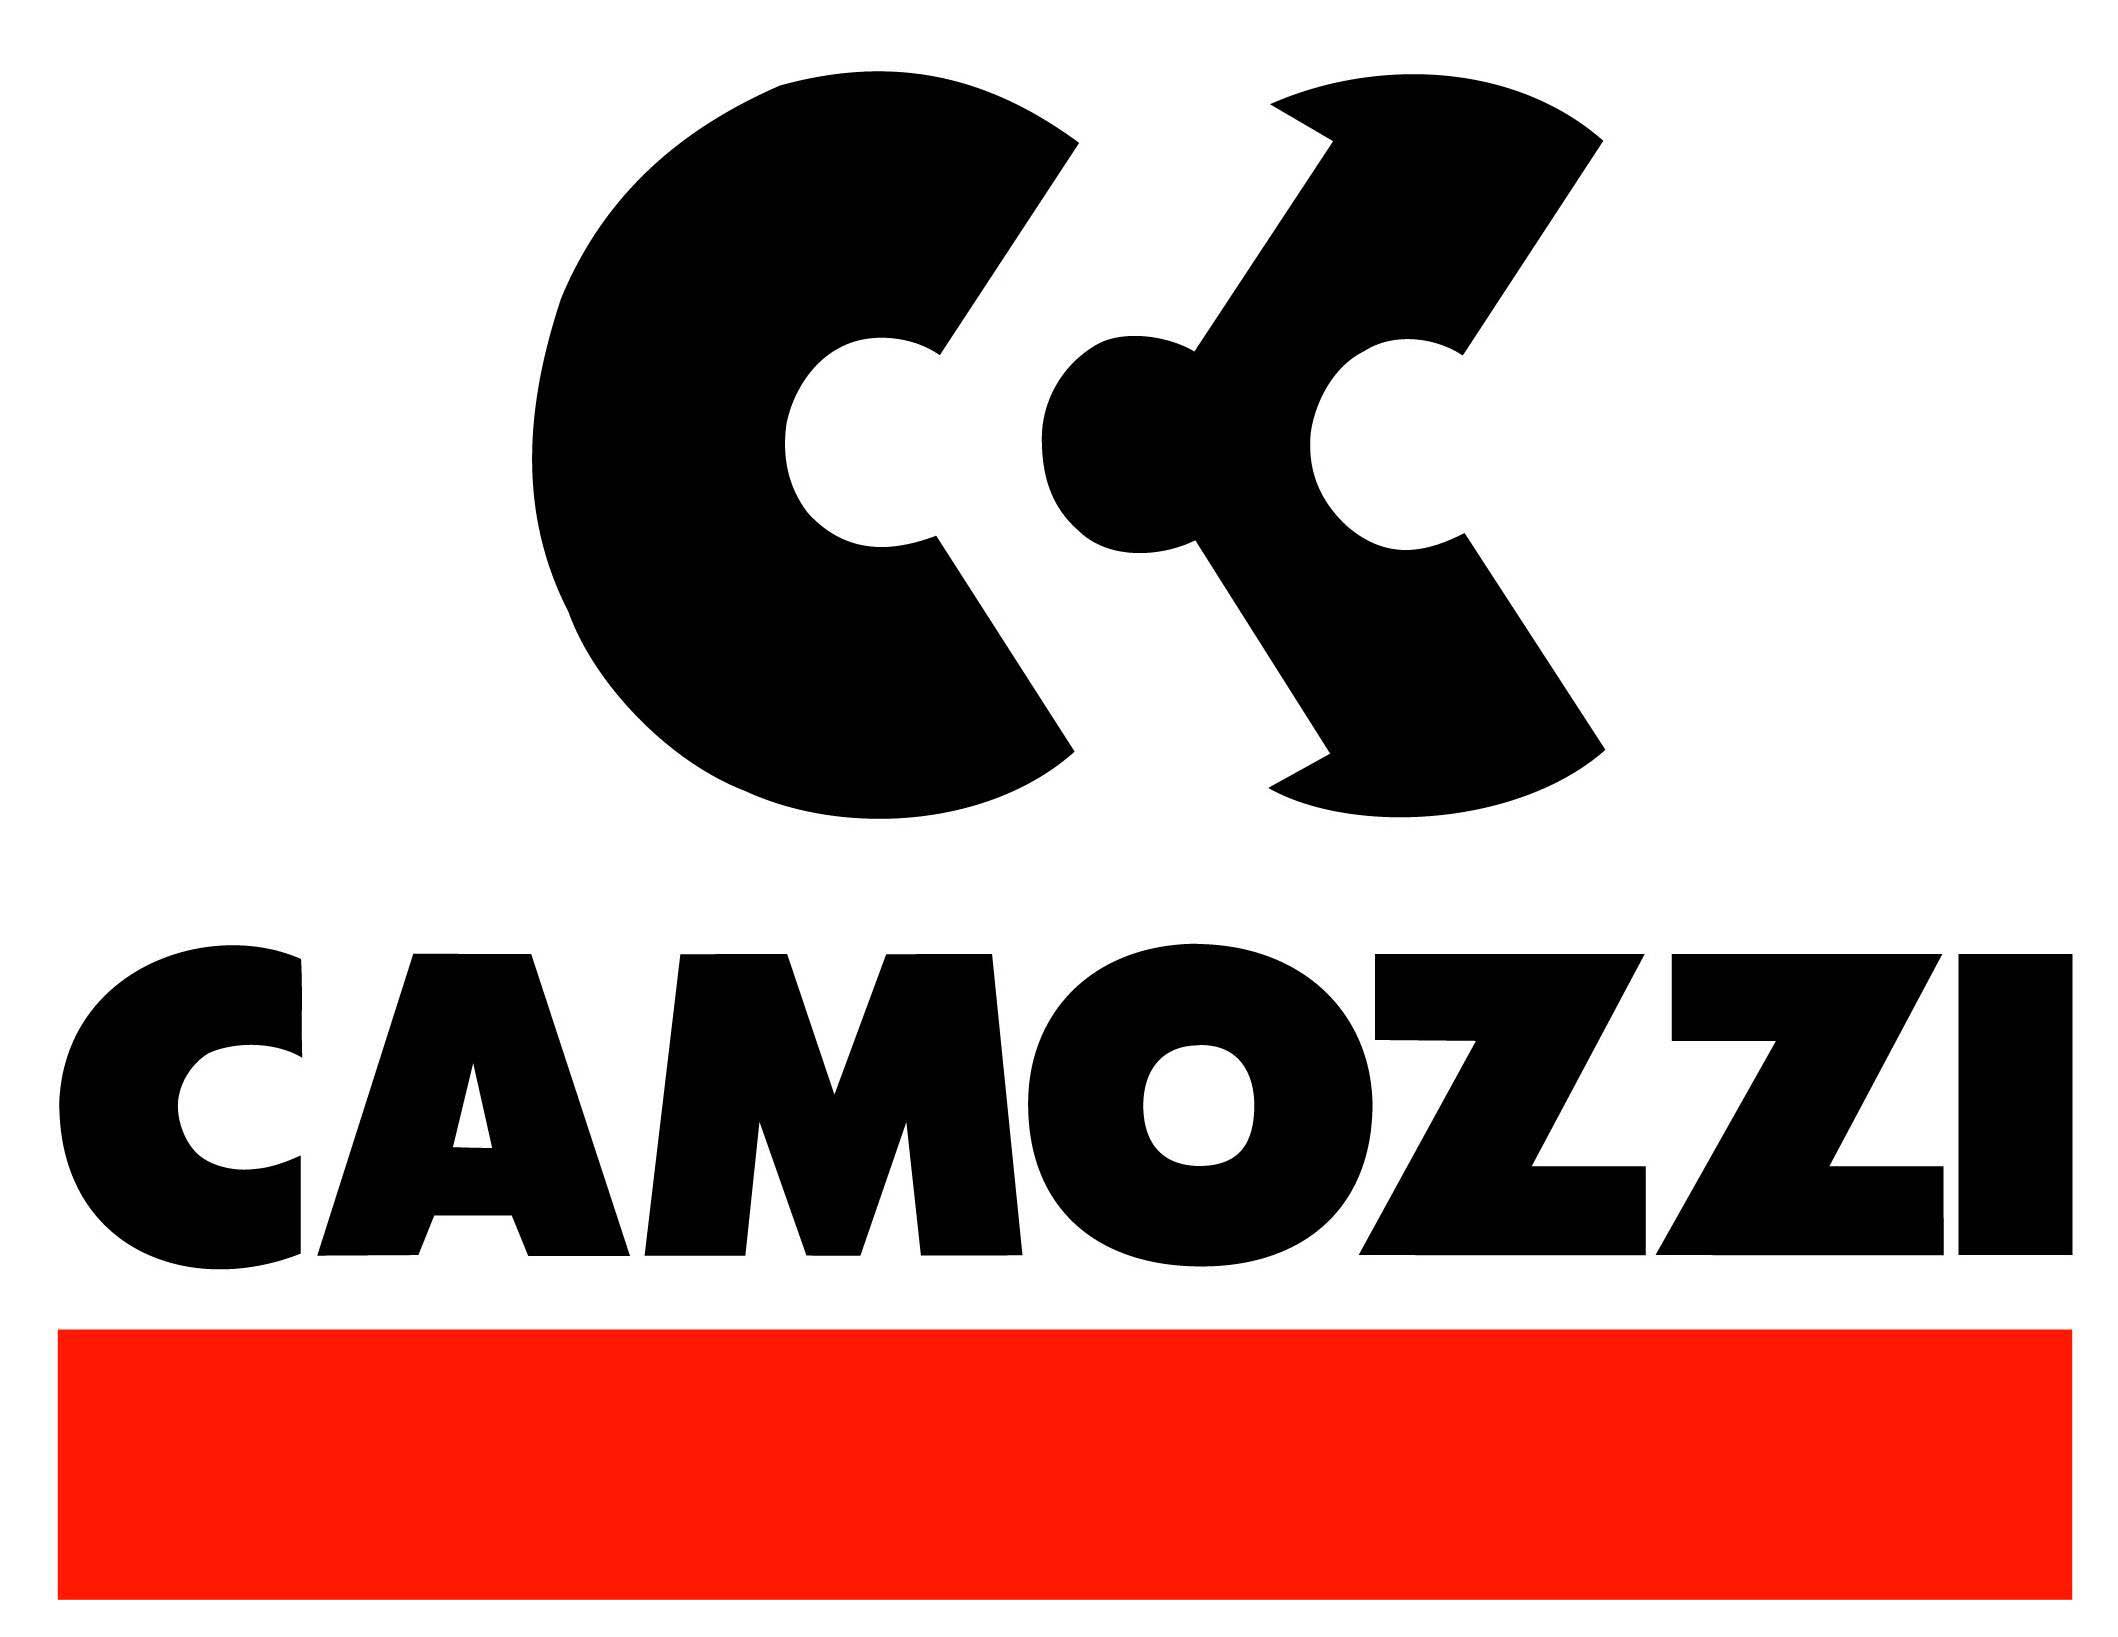 CAMOZZI_logo